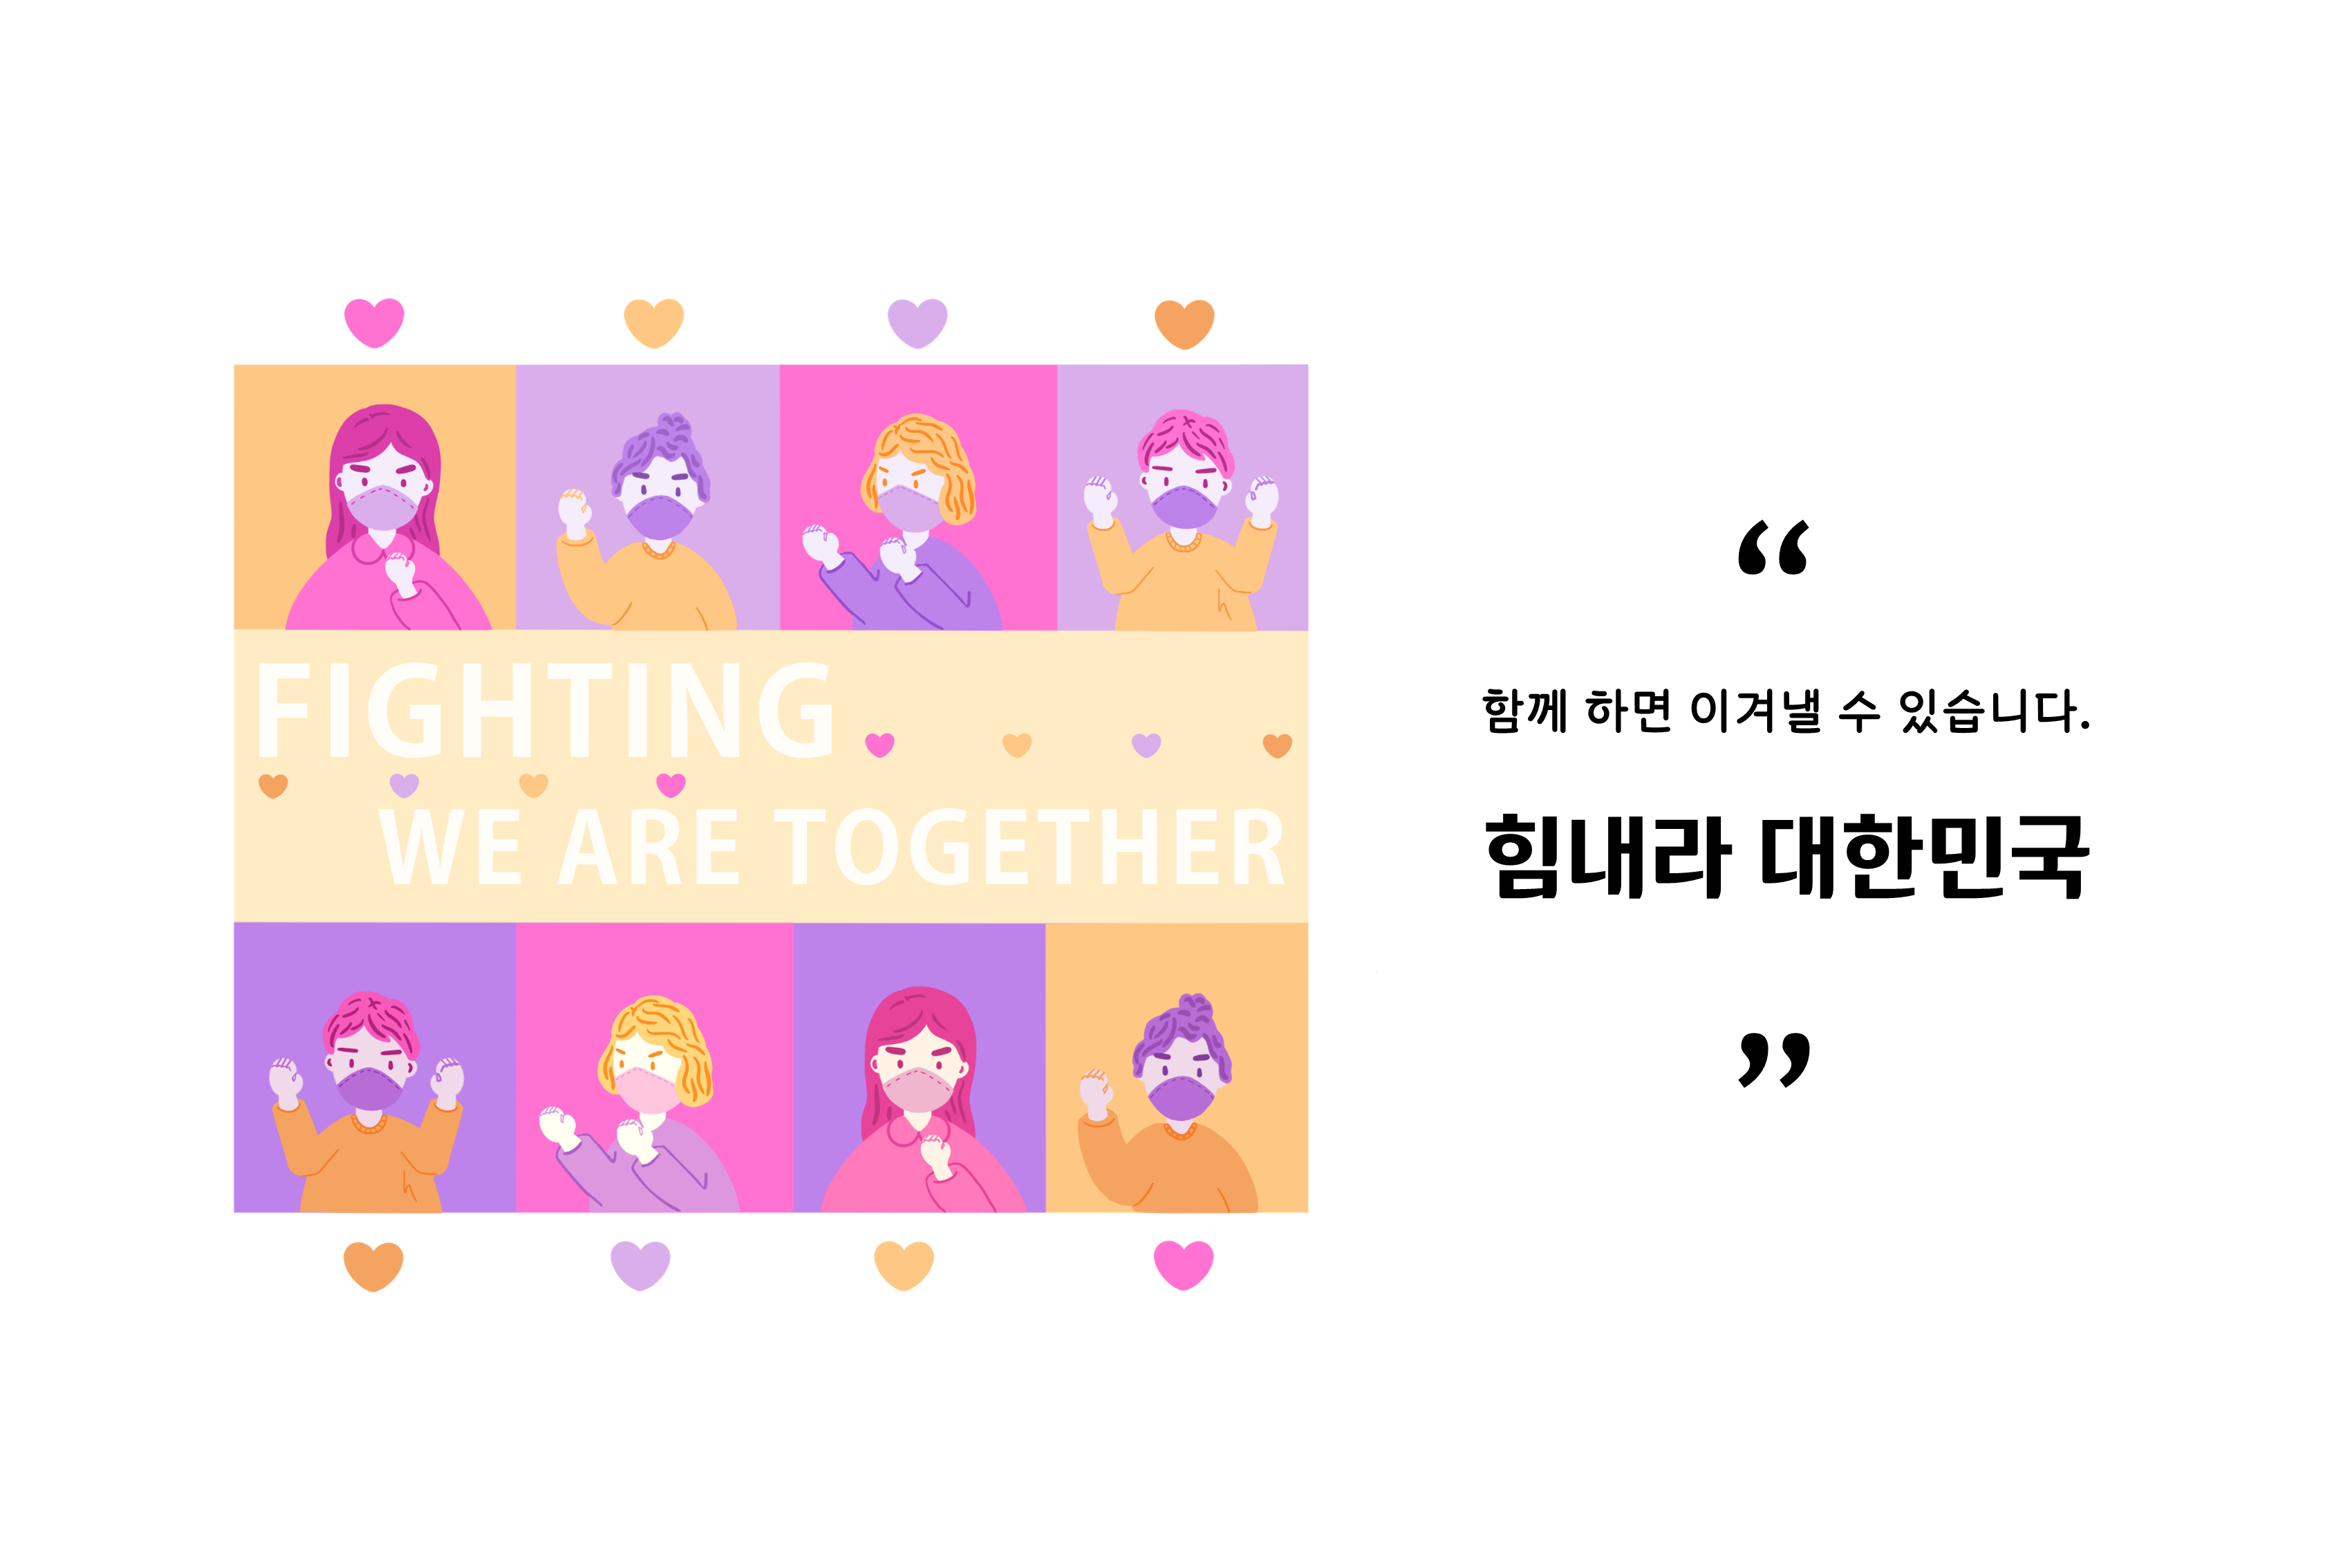 함께 하면 이겨낼 수 있습니다. 힘내라 대한민국